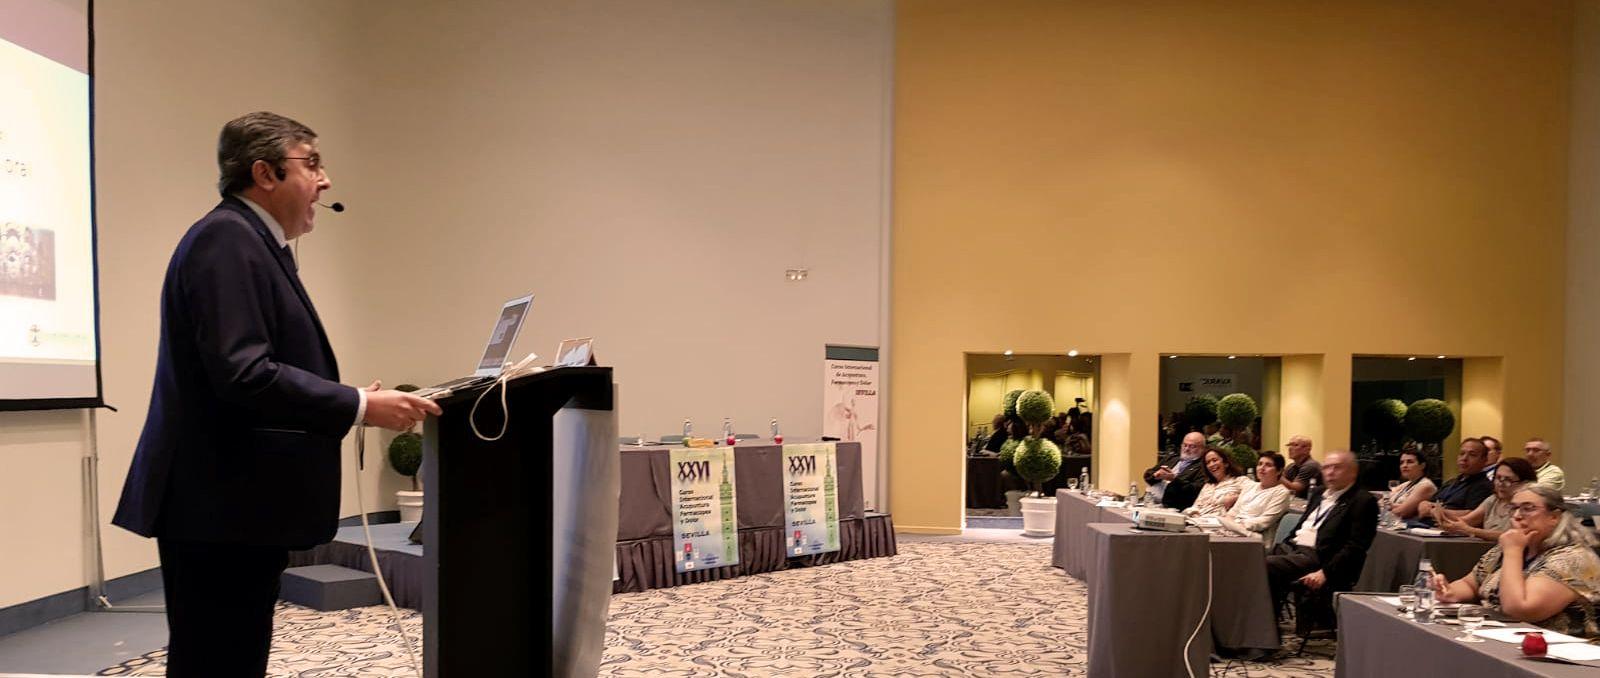 clinica-dental-moreno-cabello-XXVI Curso Internacional de Acupuntura Farmacopea y Dolor